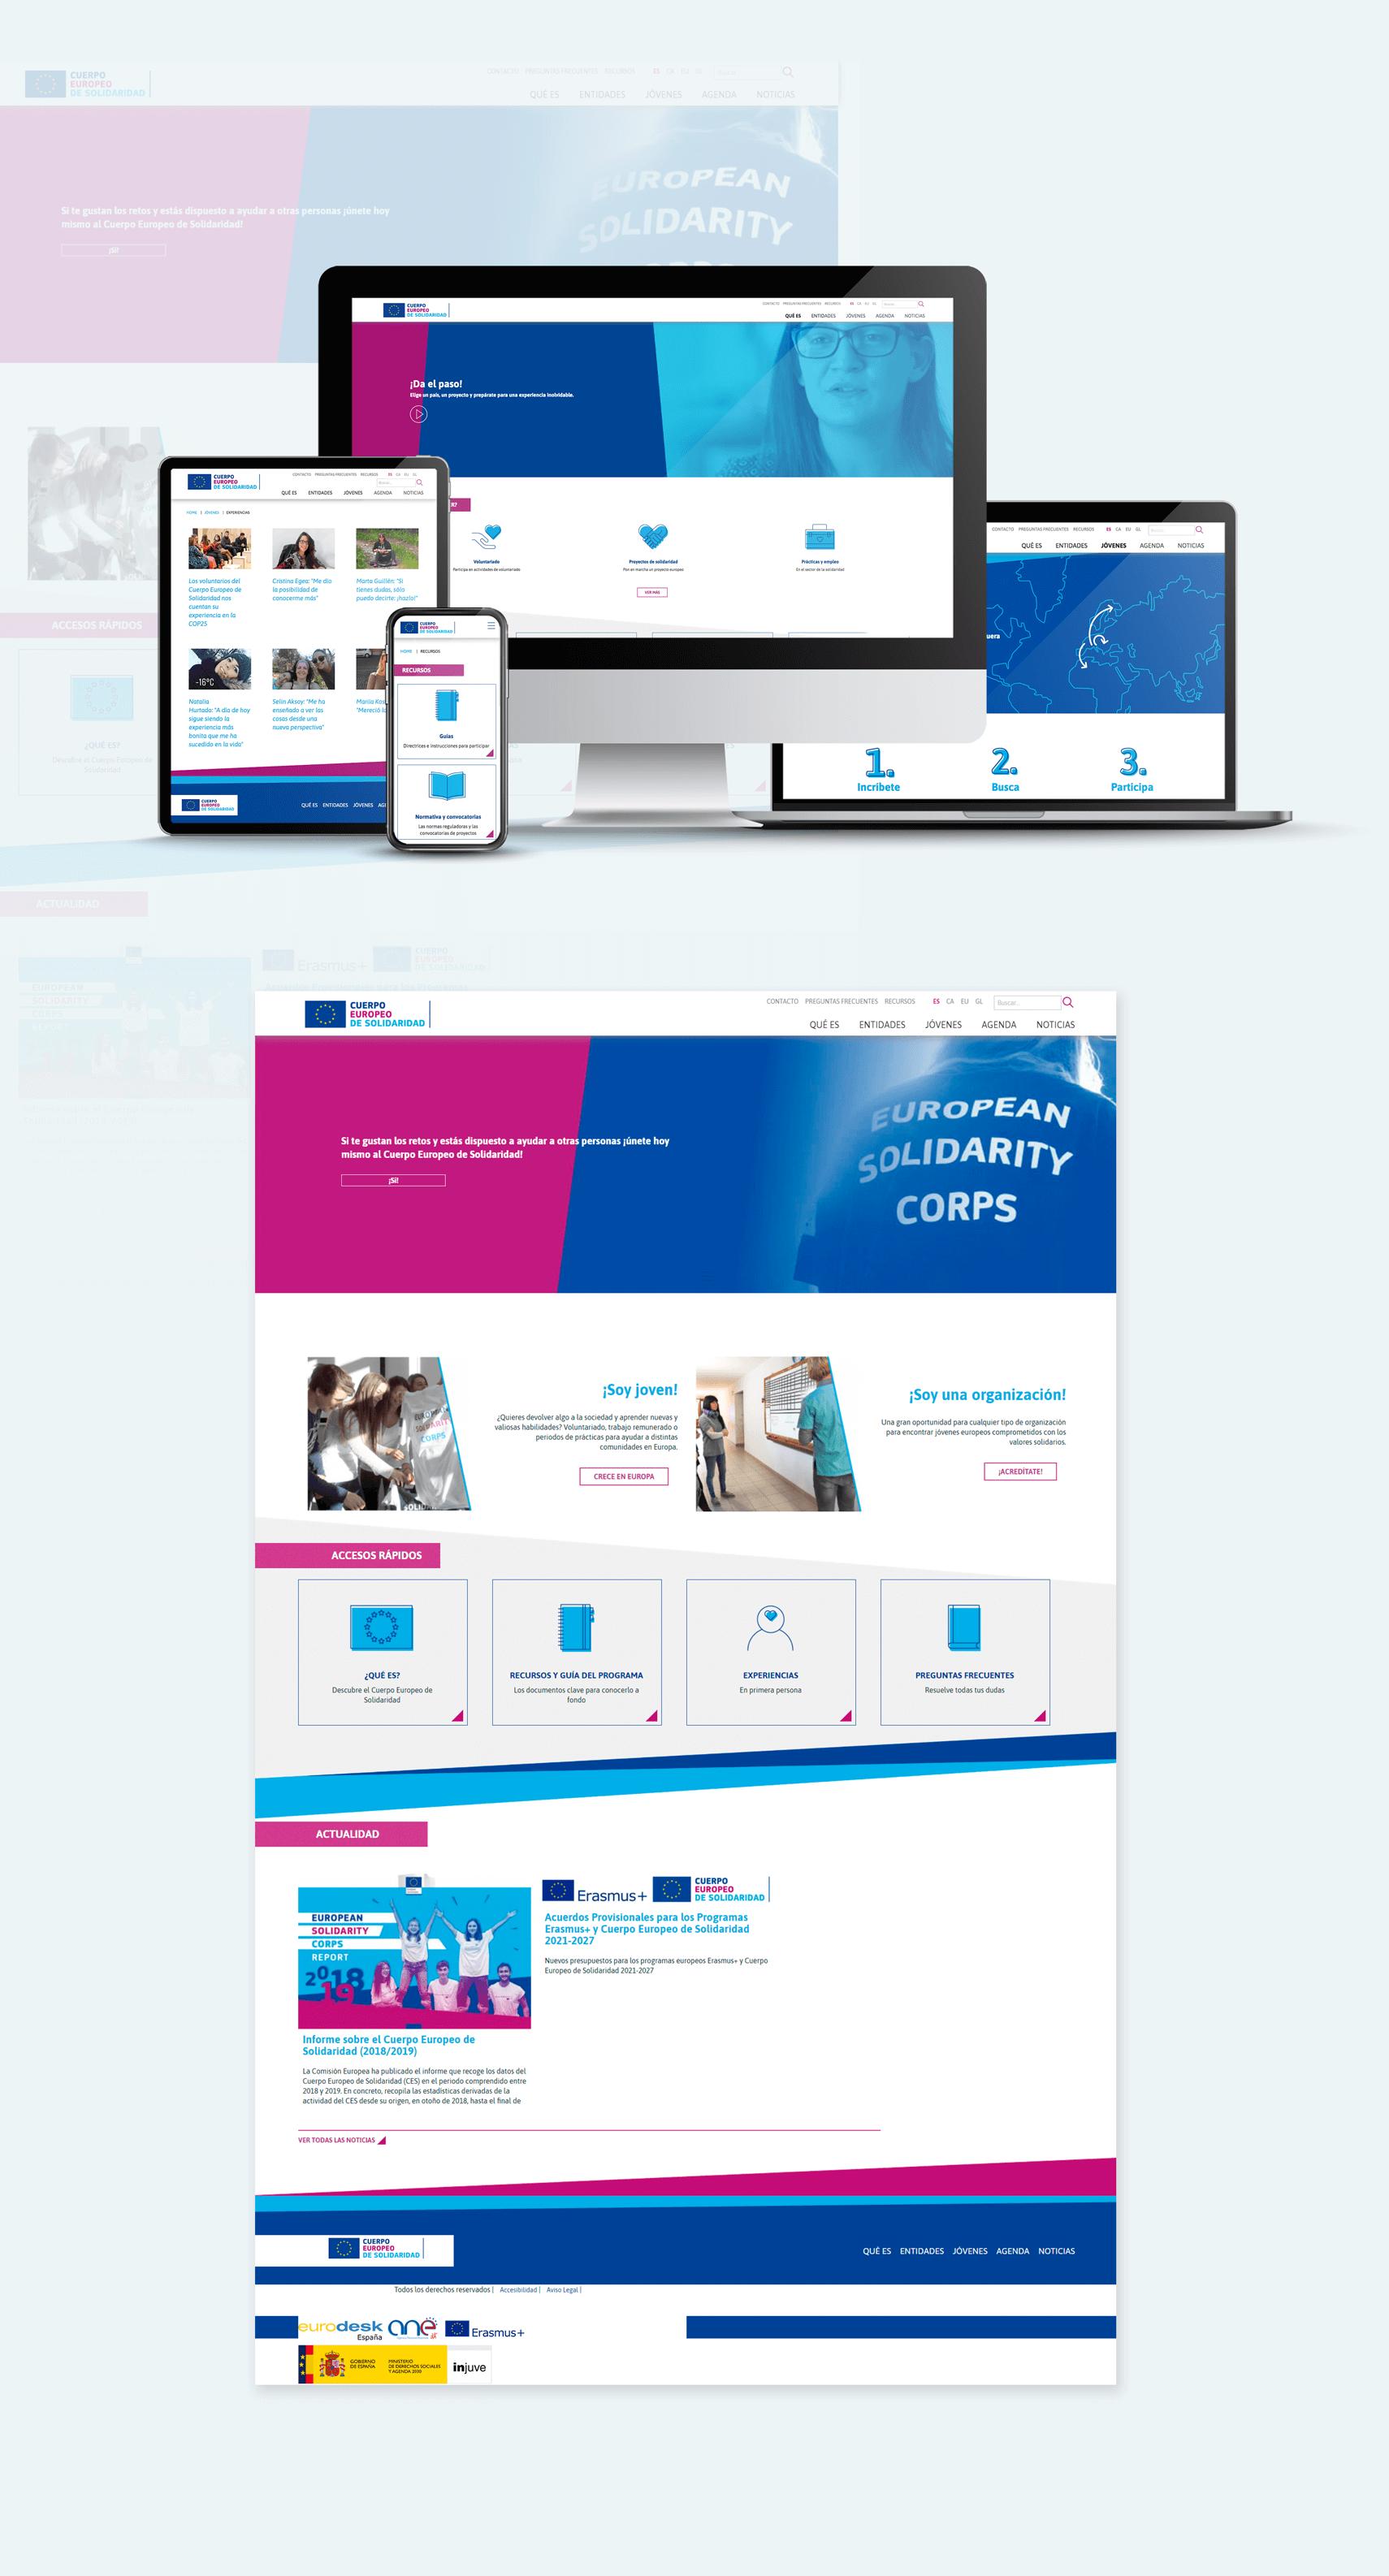 Desarrollo Web del Cuerpo Europeo de Solidaridad. Página web multi-idioma